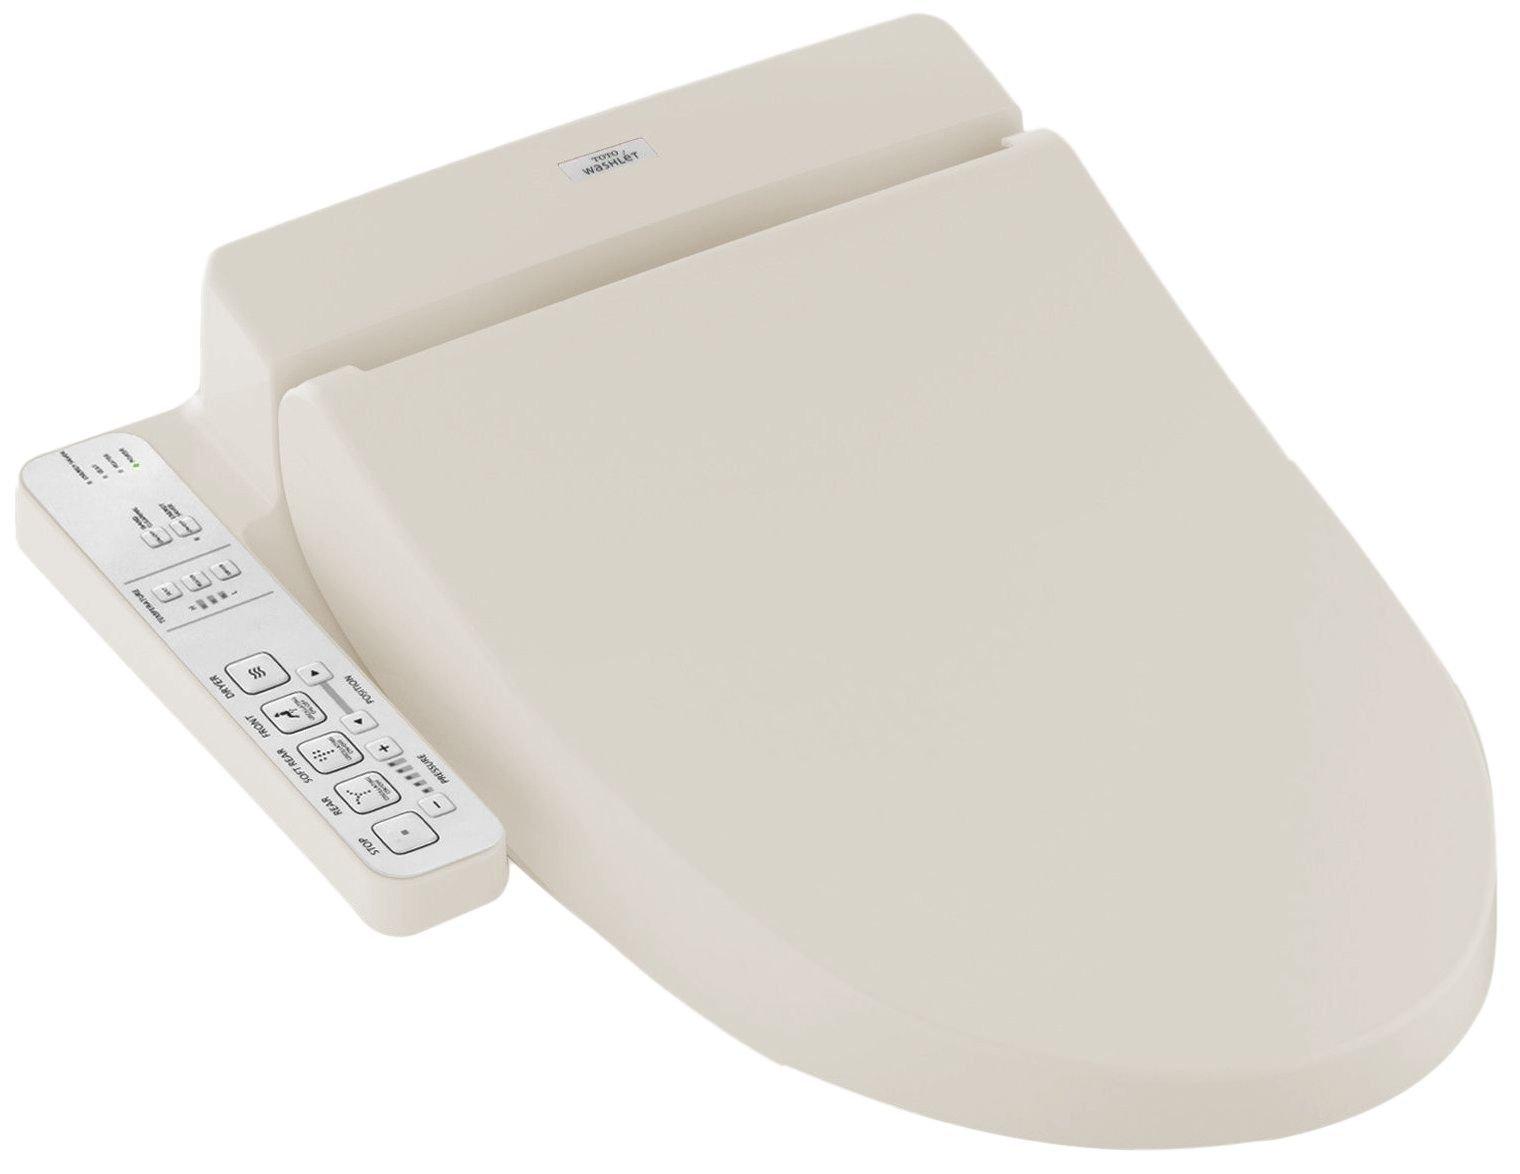 TOTO SW2034#12 C100 WASHLET  Electronic Bidet Toilet Seat with PreMist, Elongated, Sedona Beige